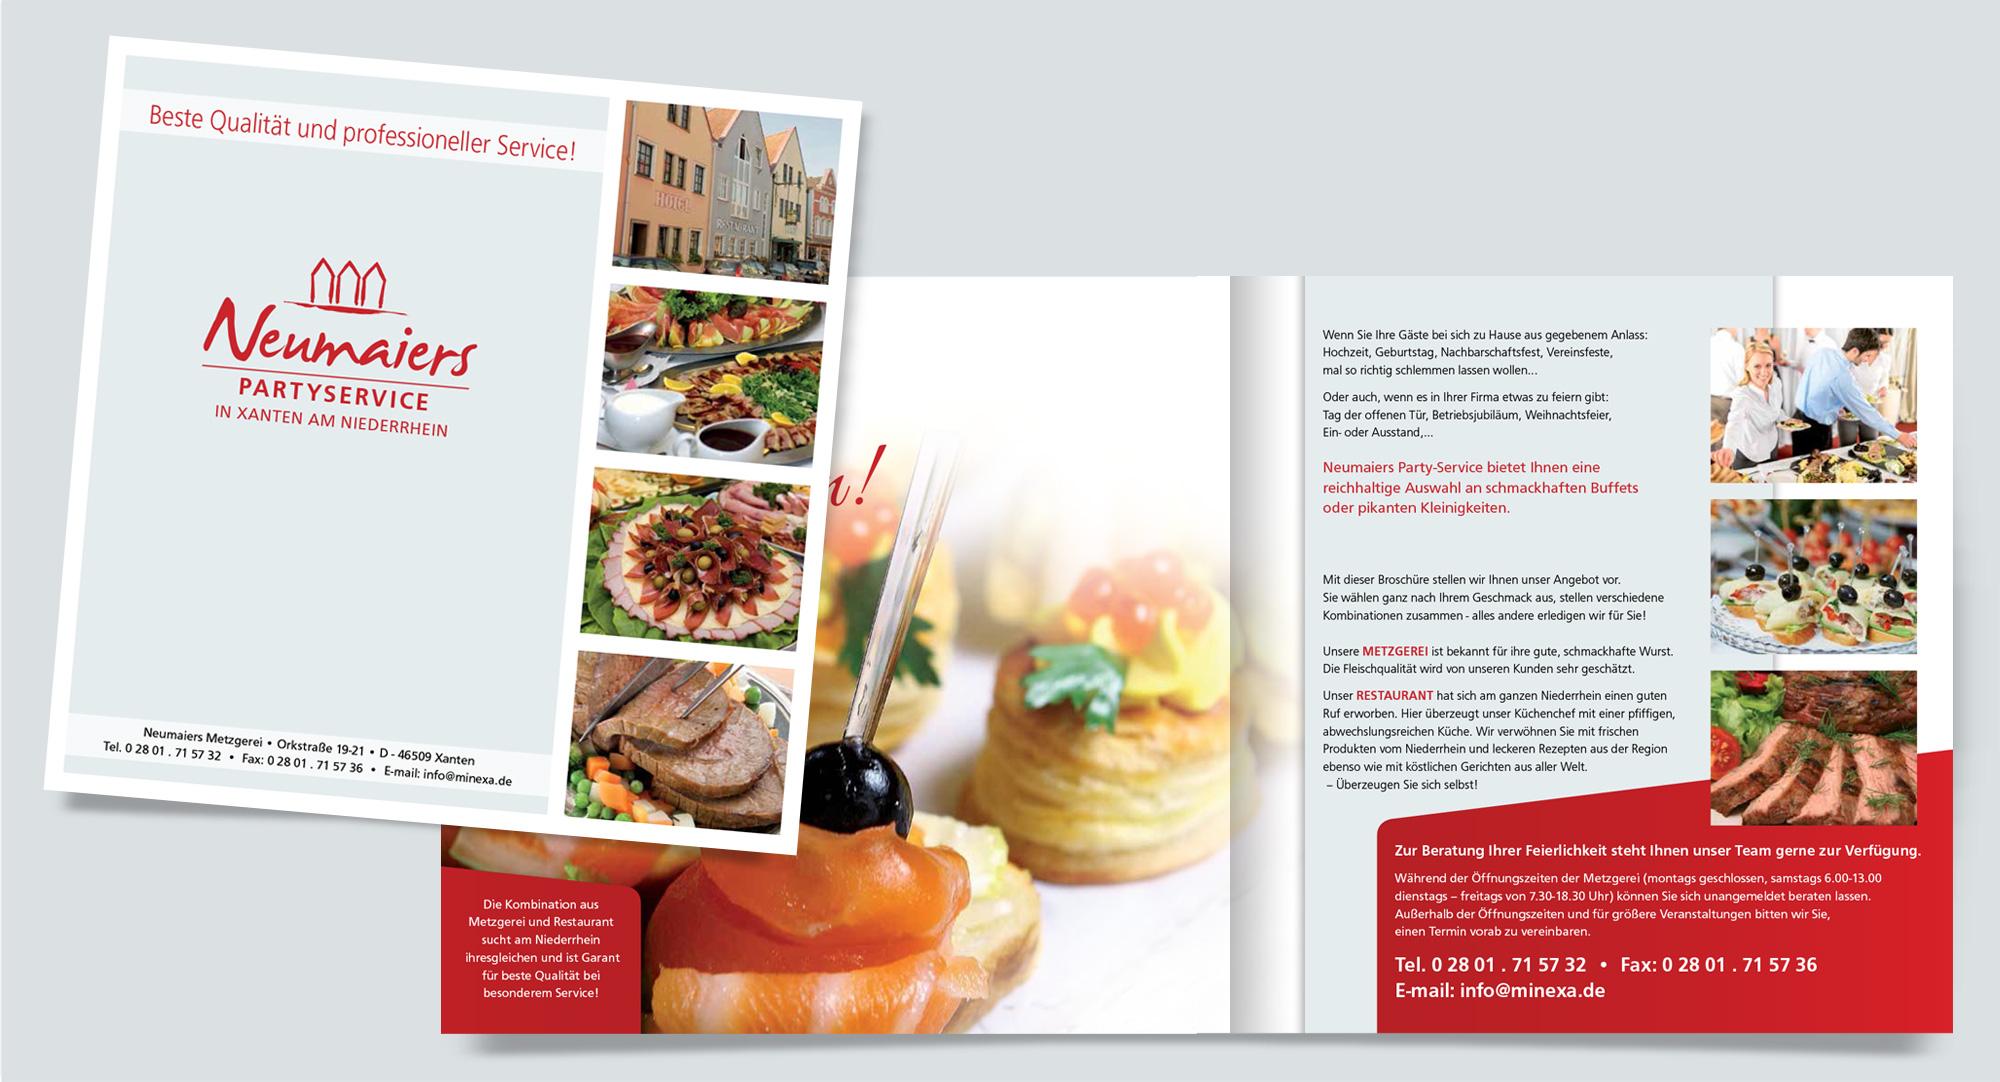 Partyservice-Mappe für Hotel-Restaurant Neumaier in Xanten